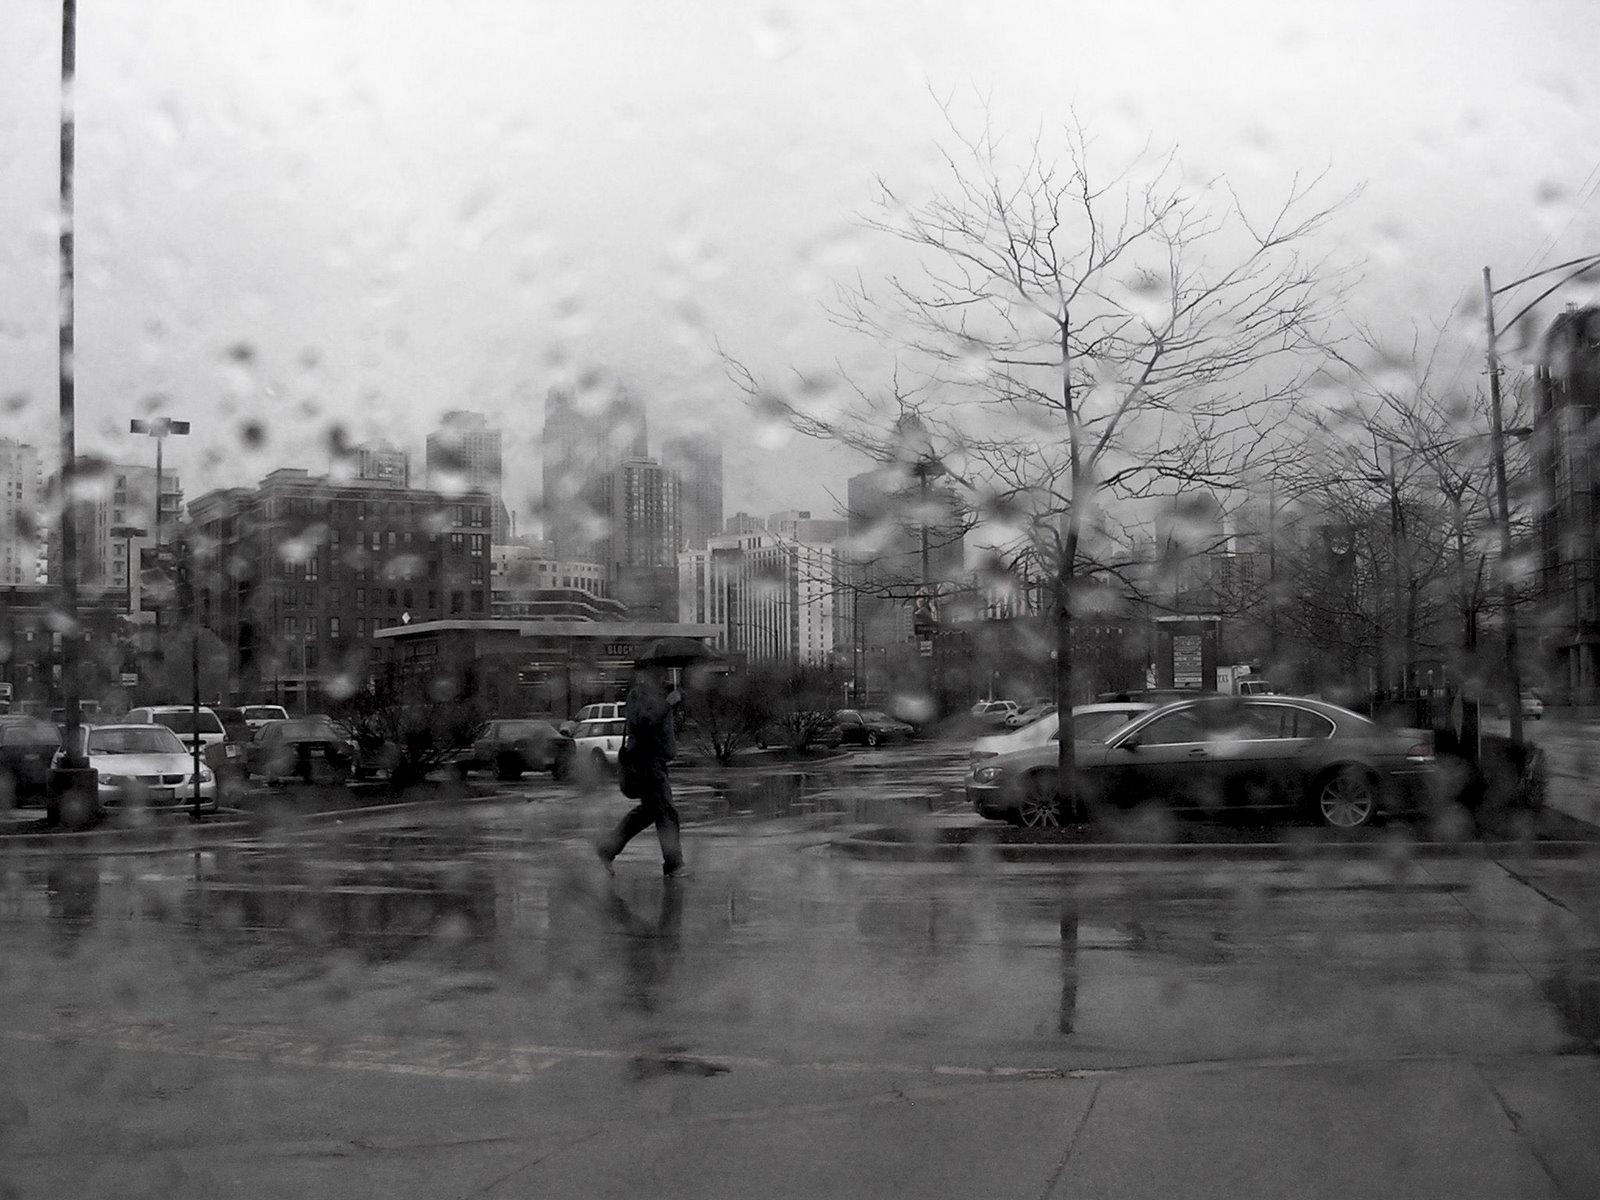 [rainyday]